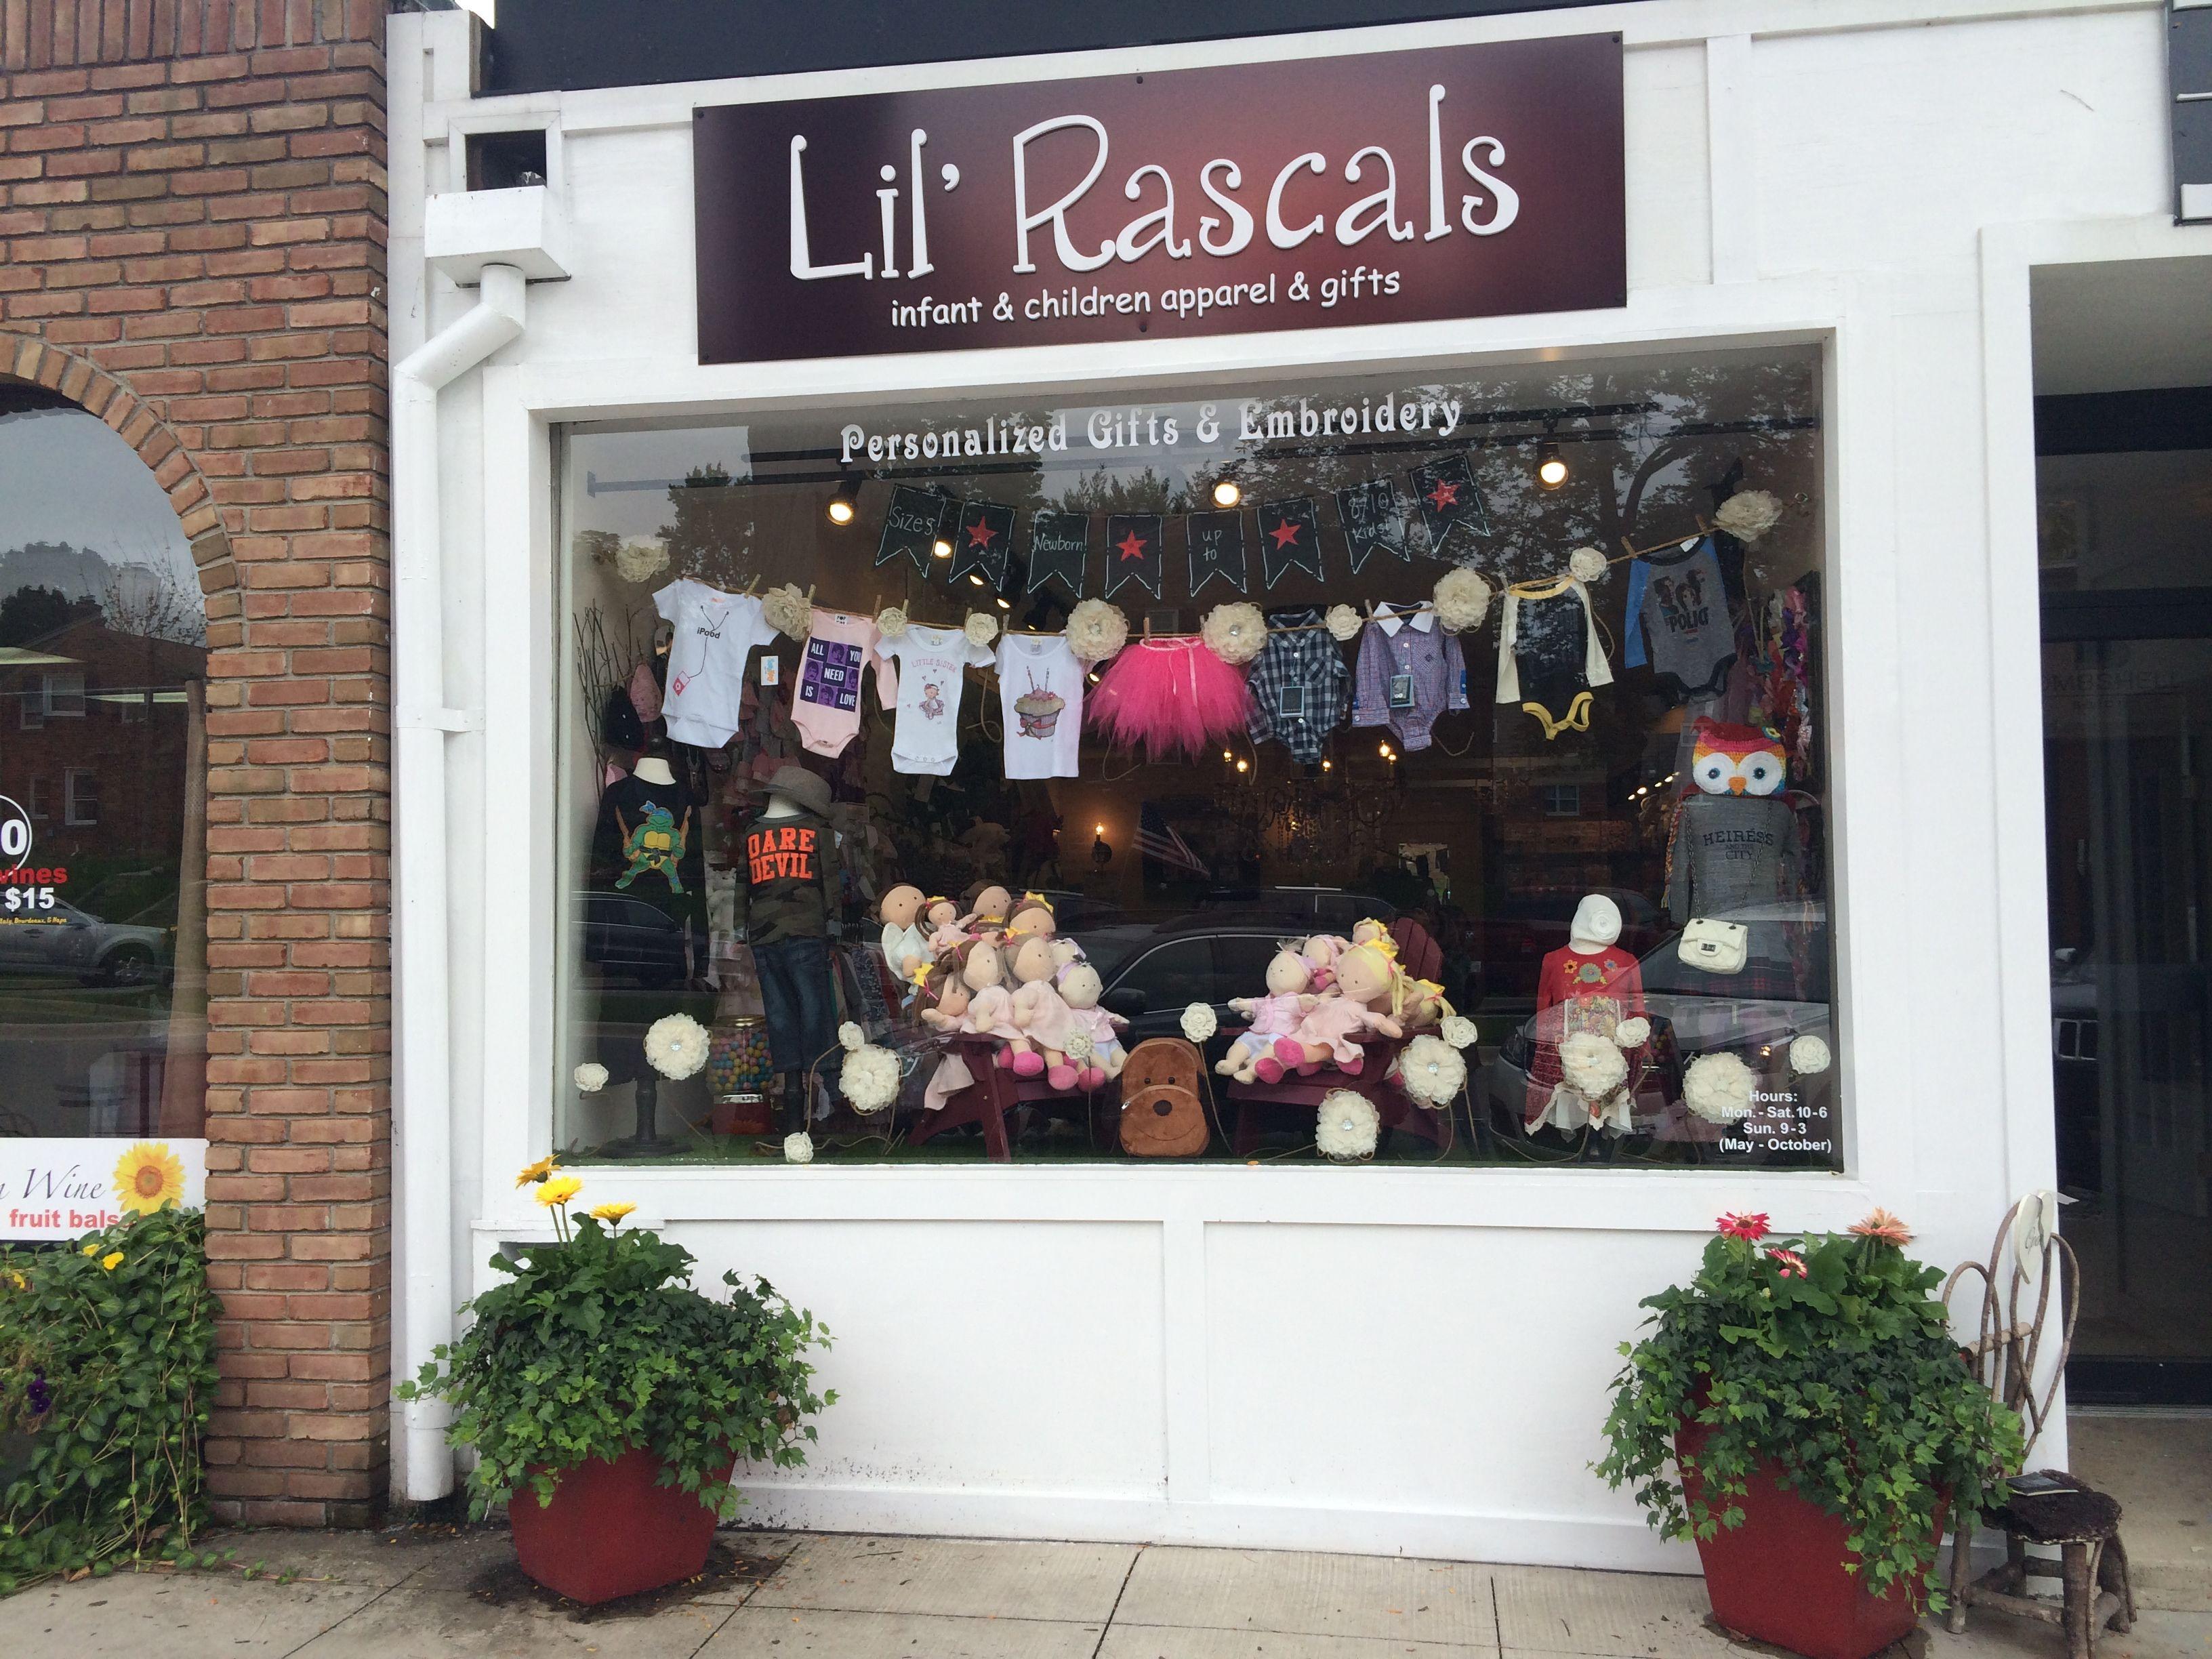 Lil Rascals Kids Shop in Birmingham, Michigan carries a